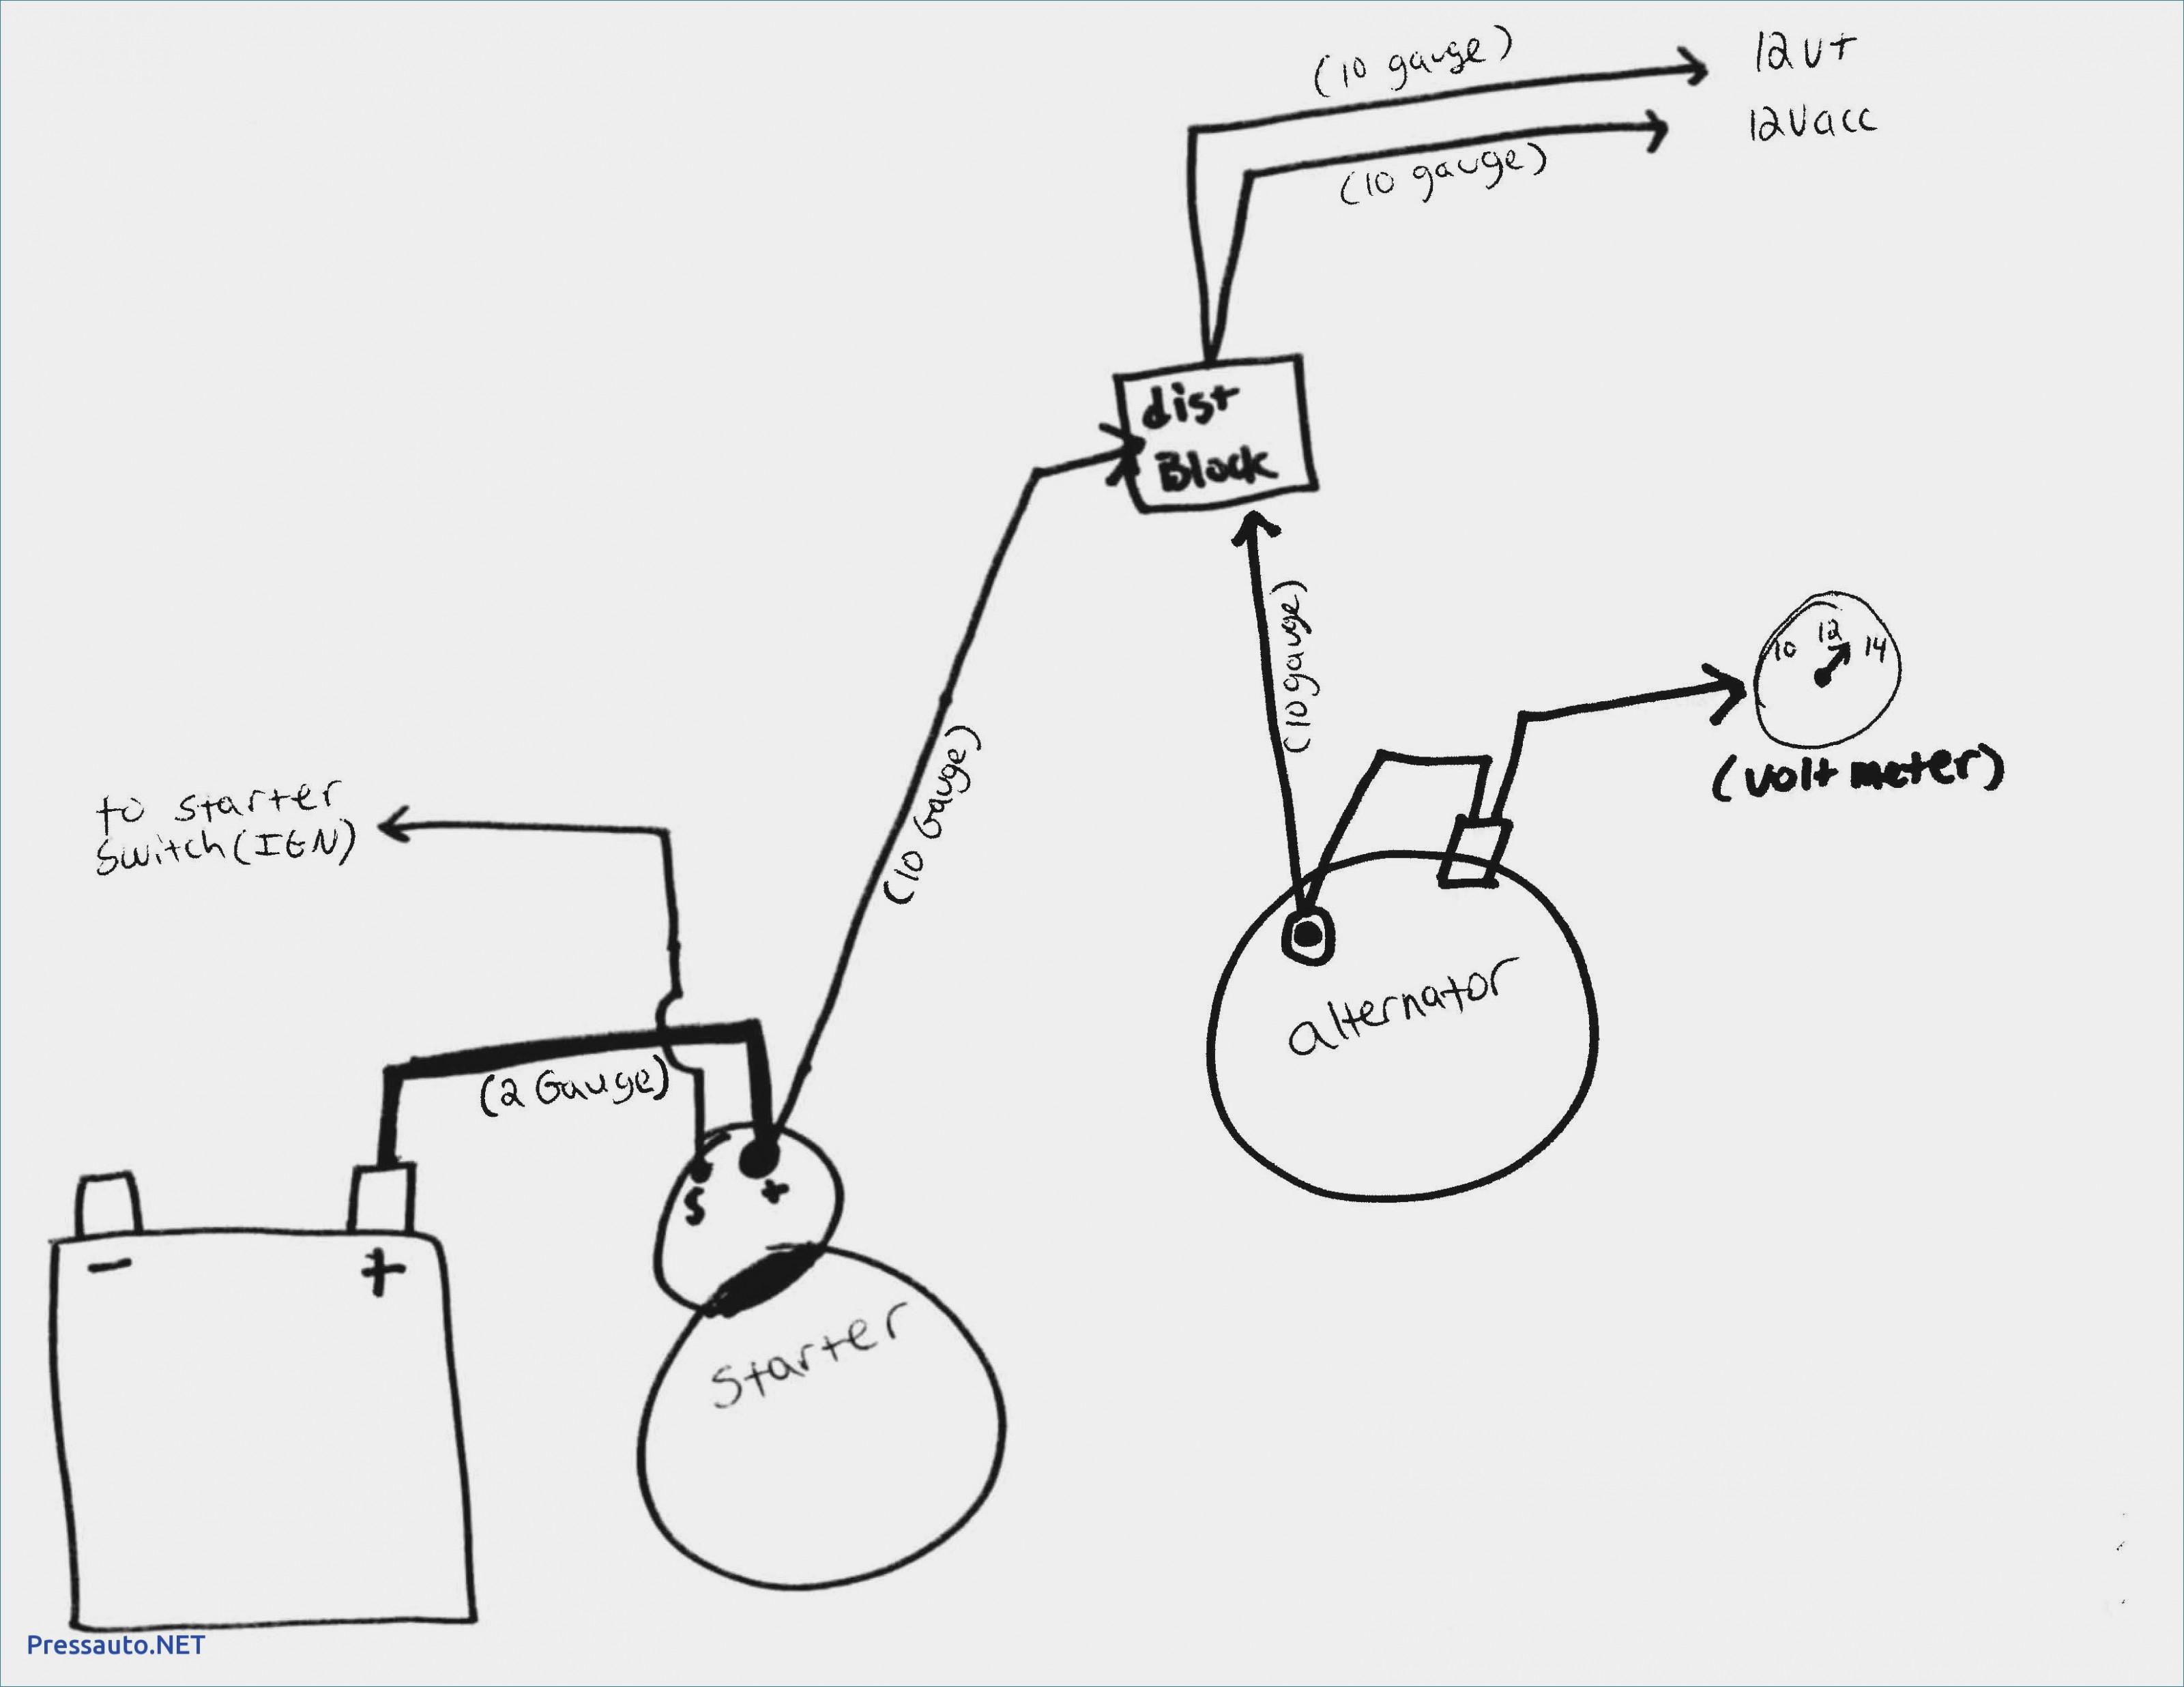 Gm Alt Wiring | Wiring Diagram - Gm 2 Wire Alternator Wiring Diagram